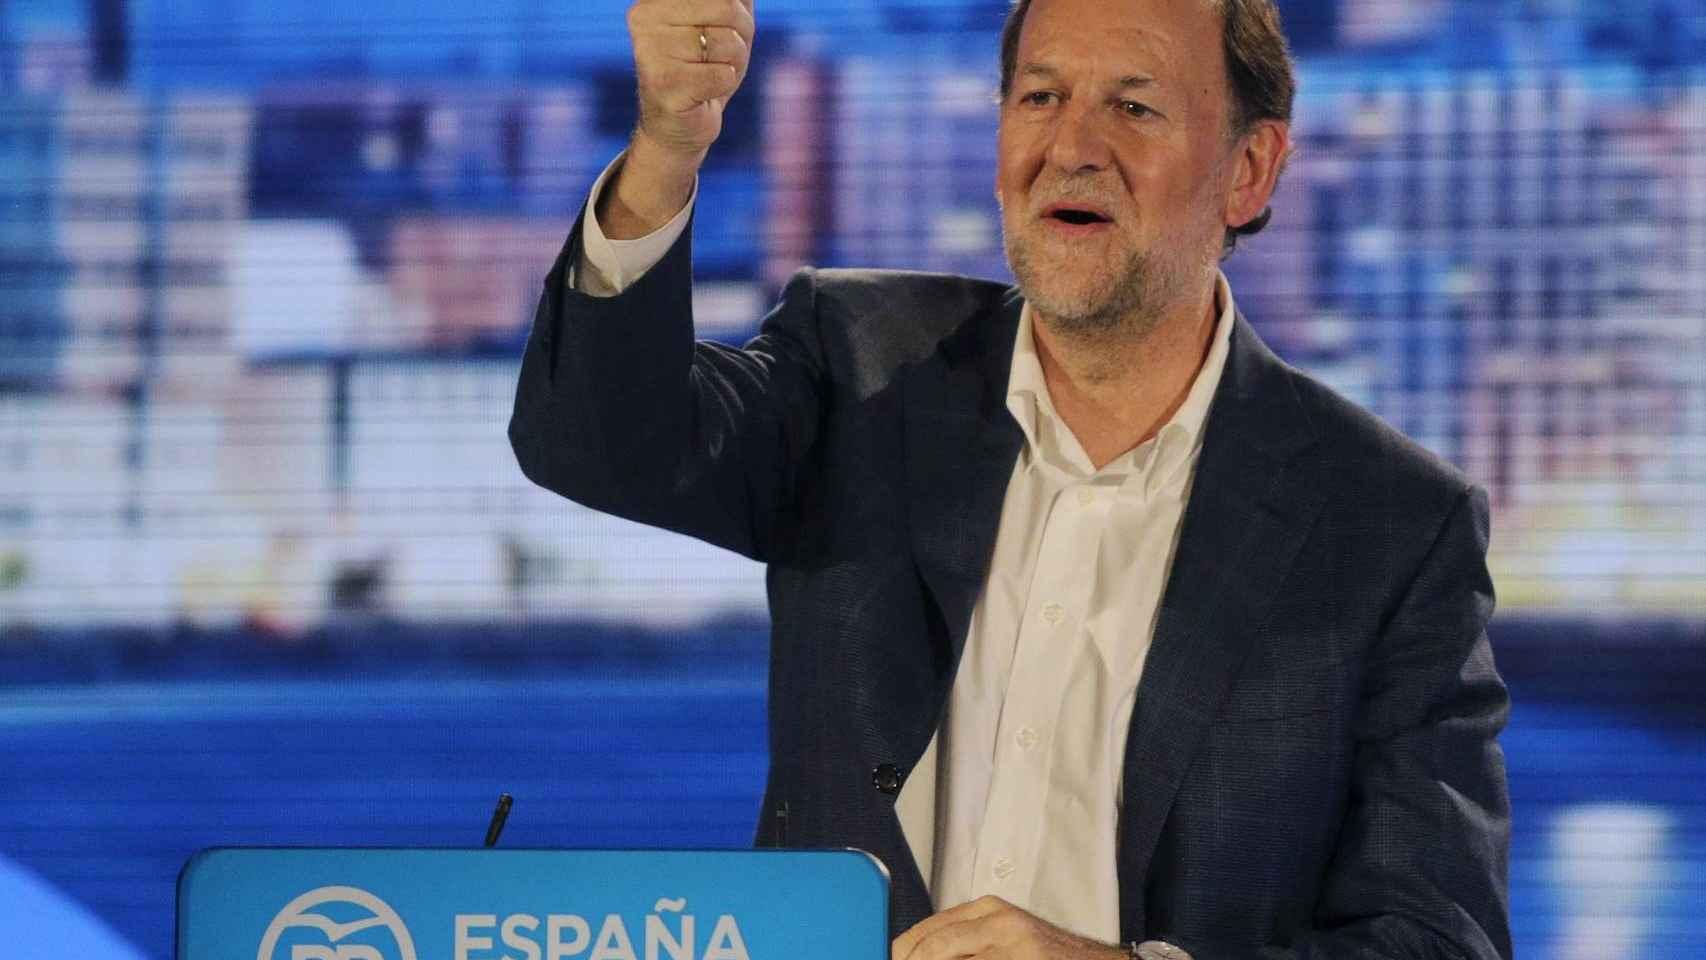 Mariano Rajoy saluda en el mitin en A Coruña después de la agresión.